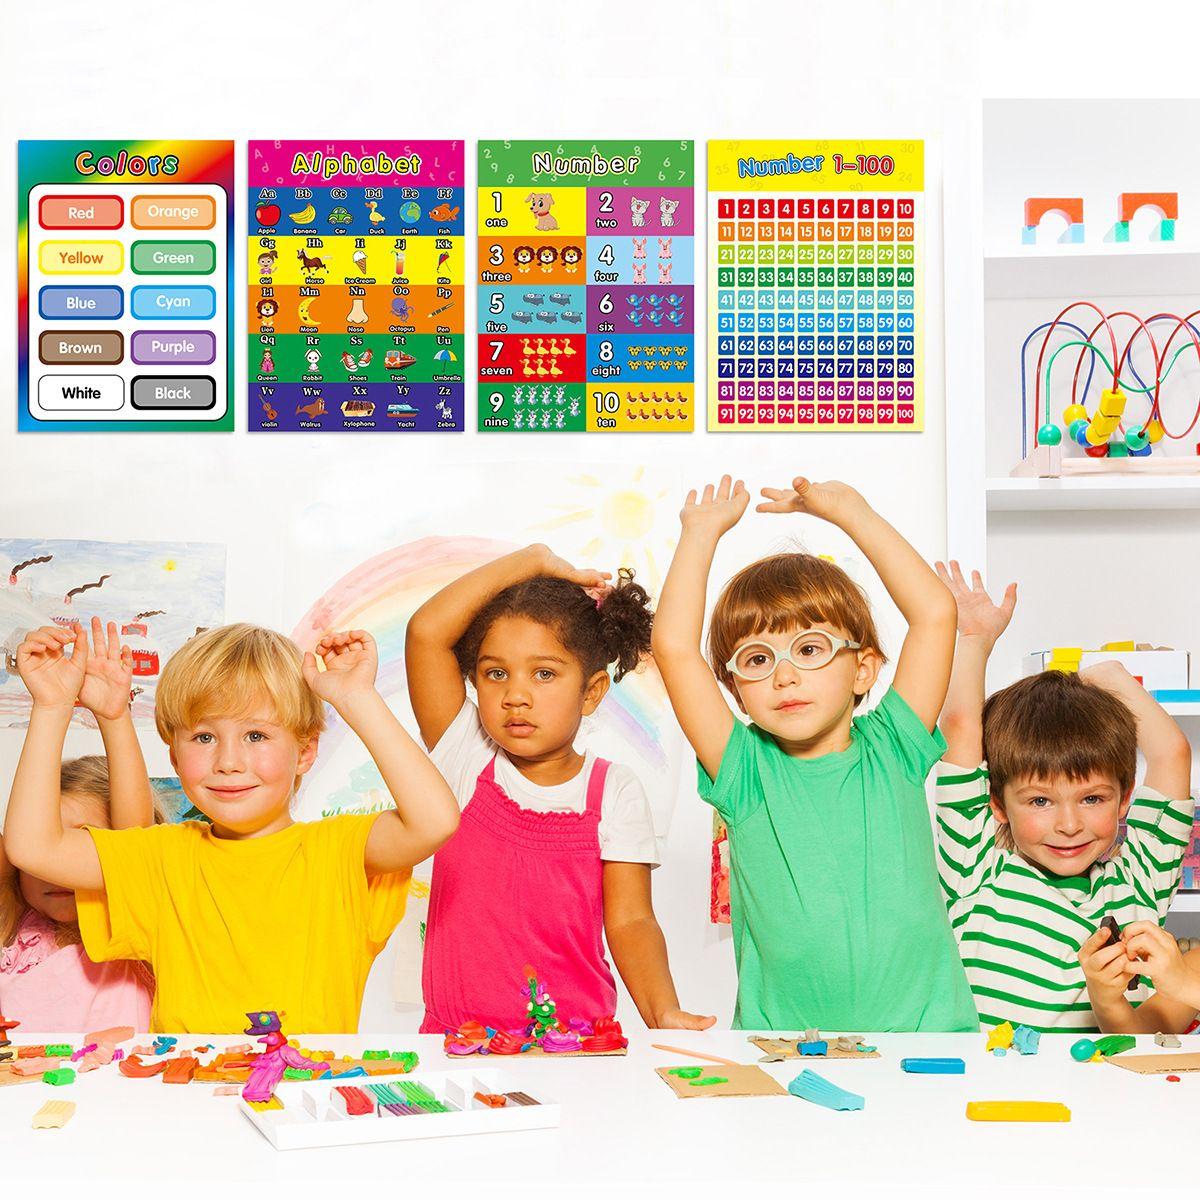 Pegatinas de pared infantil Educación temprana Póster Aprendizaje personalizado Iluminación Gráfico de iluminación Dibujos animados Decorativo Tamaño 29 * 40 cm